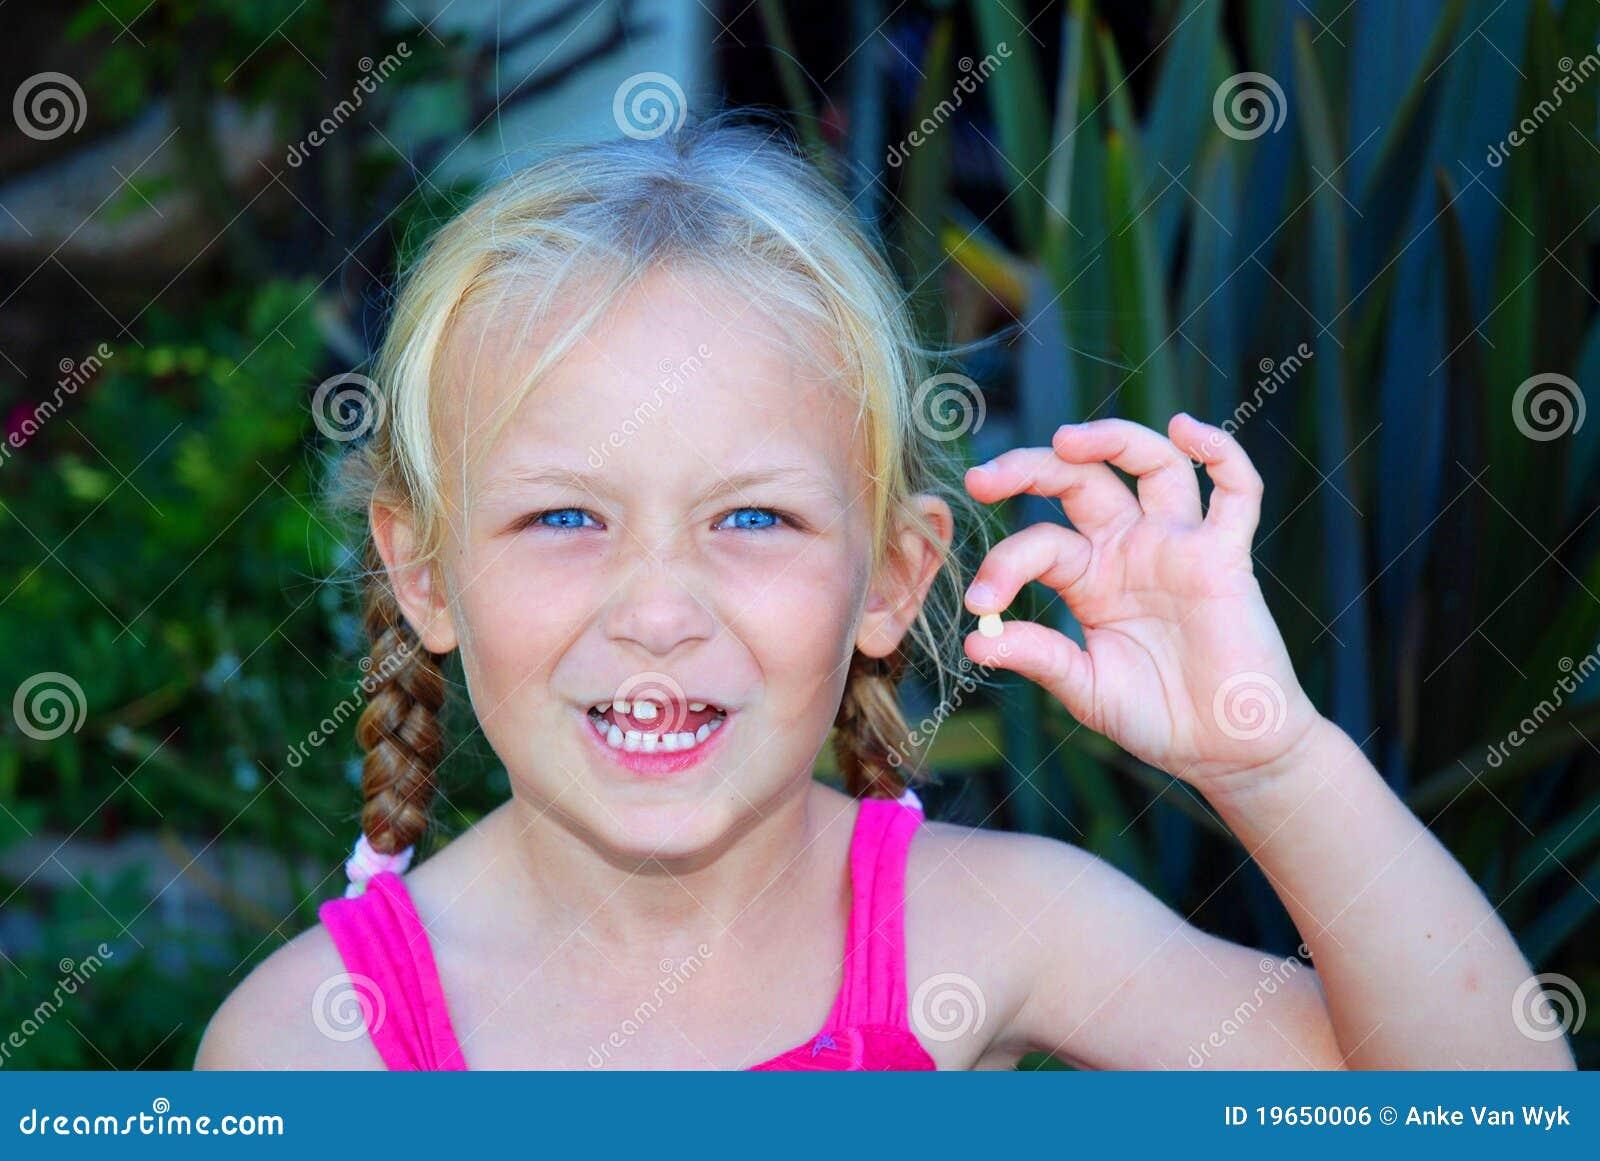 Behandla som ett barn flickan little förlorad tand